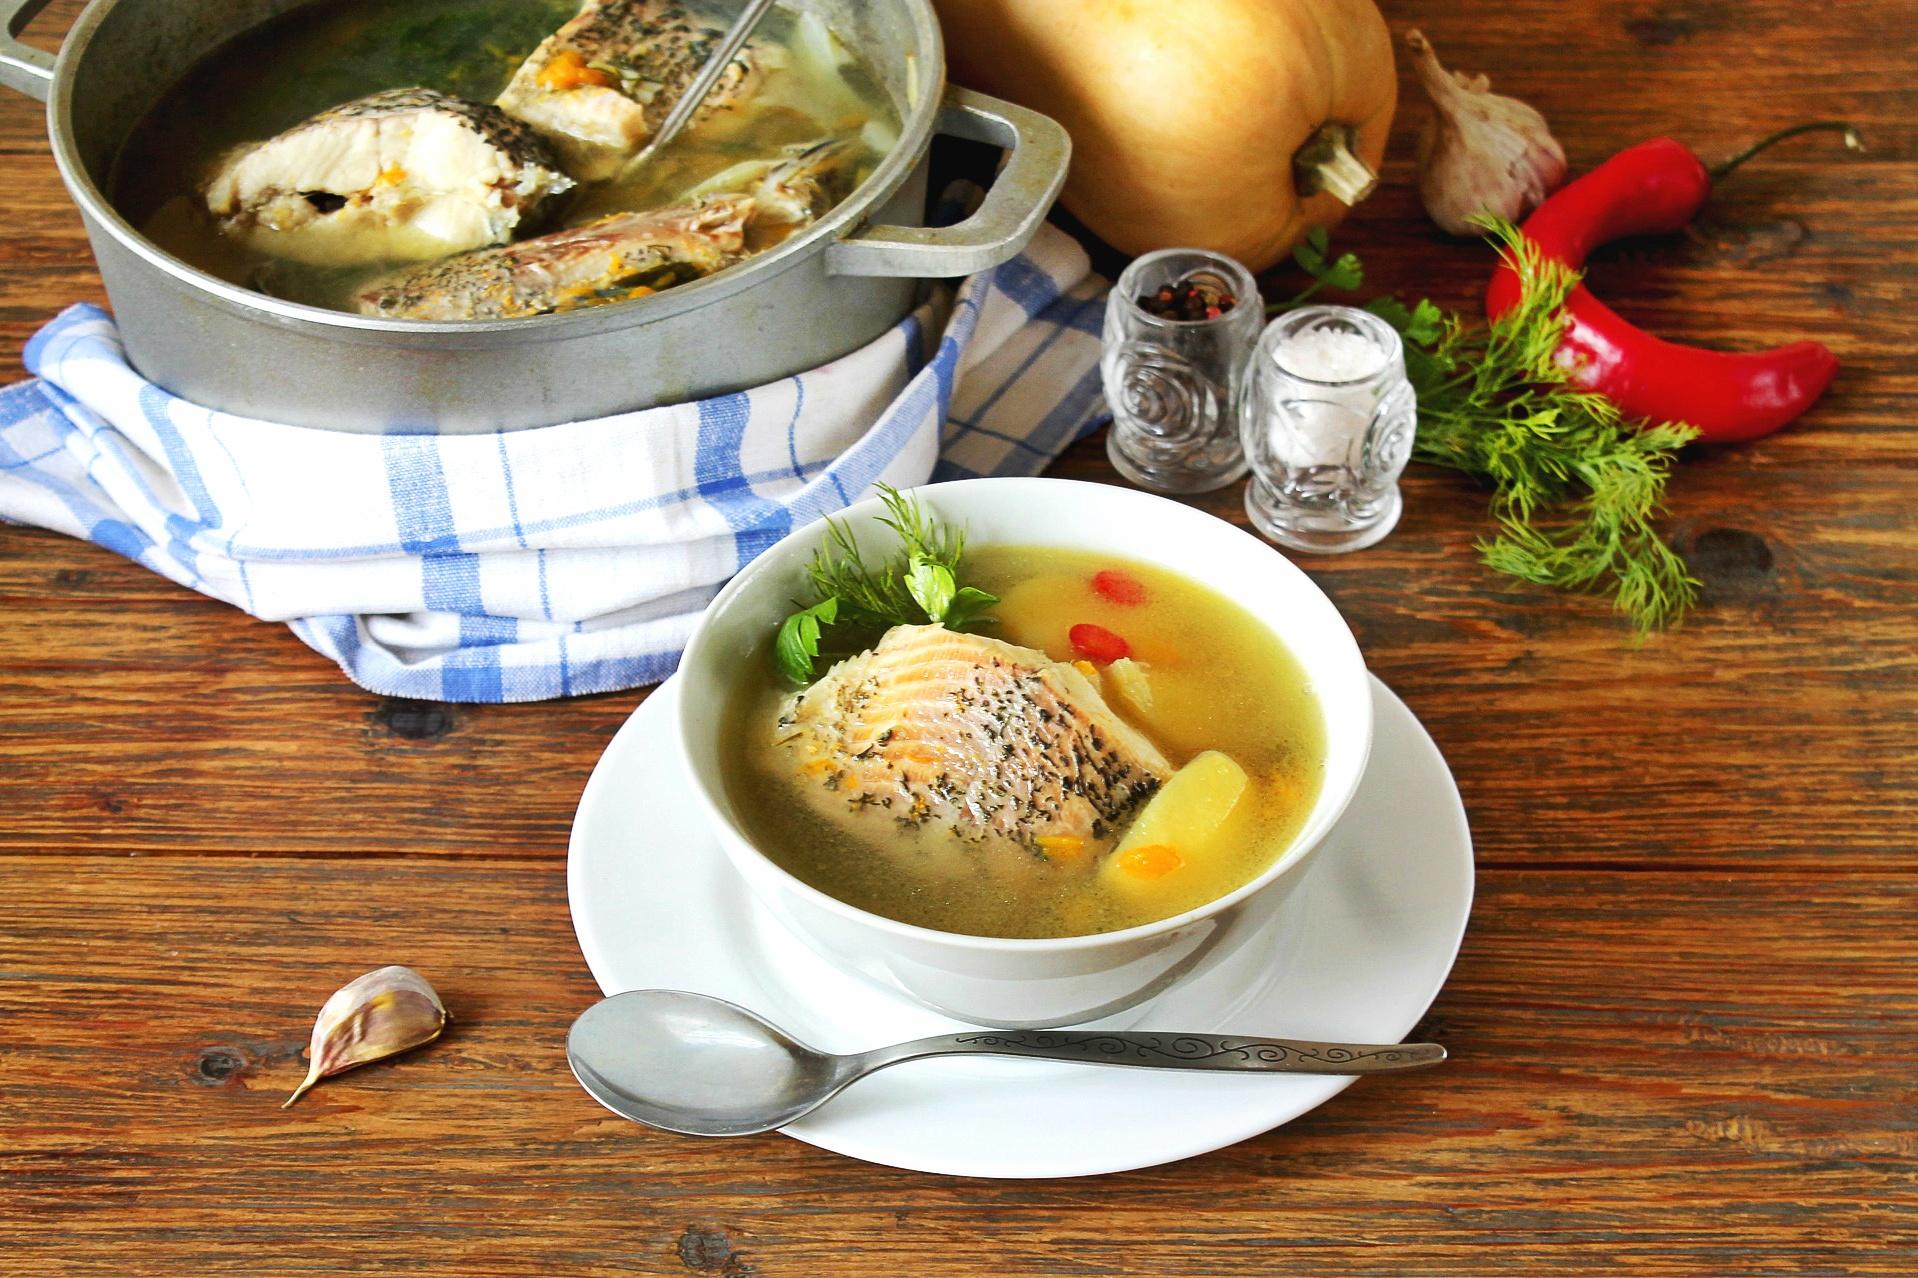 Sopa de pescado de carpa para Nochebuena - receta